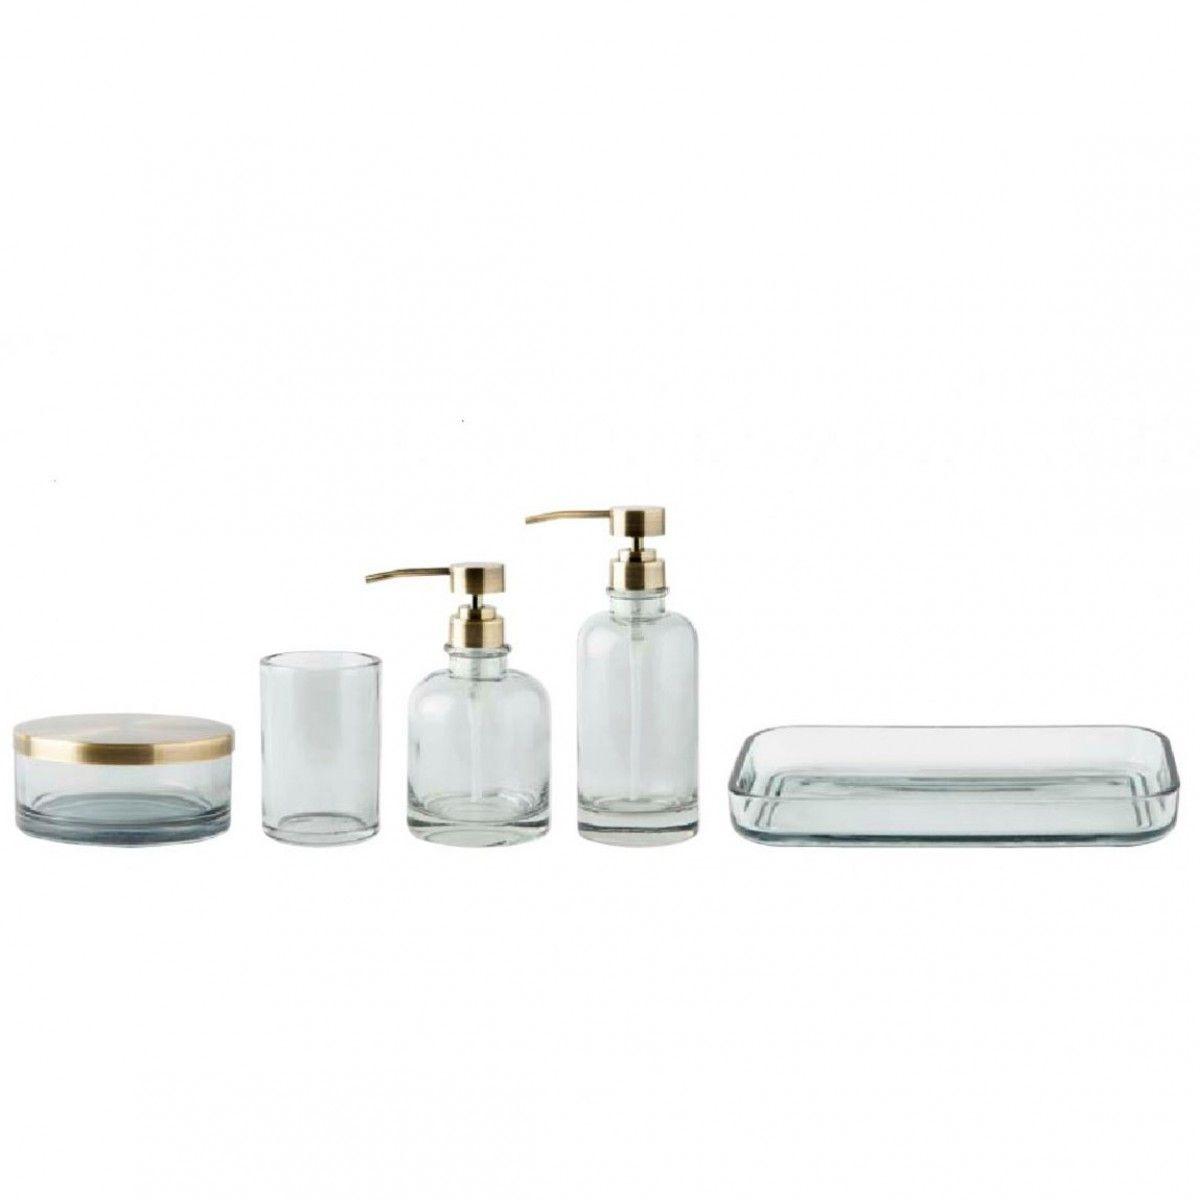 Designstuff offers a range of exclusive Scandinavian bathroom ...